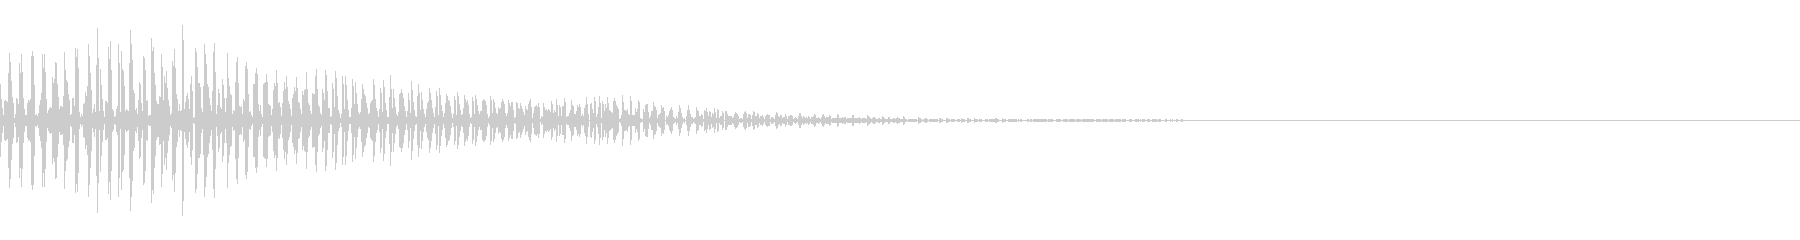 ぽいっ(ジャンプ/かわいい/ポップ)の未再生の波形